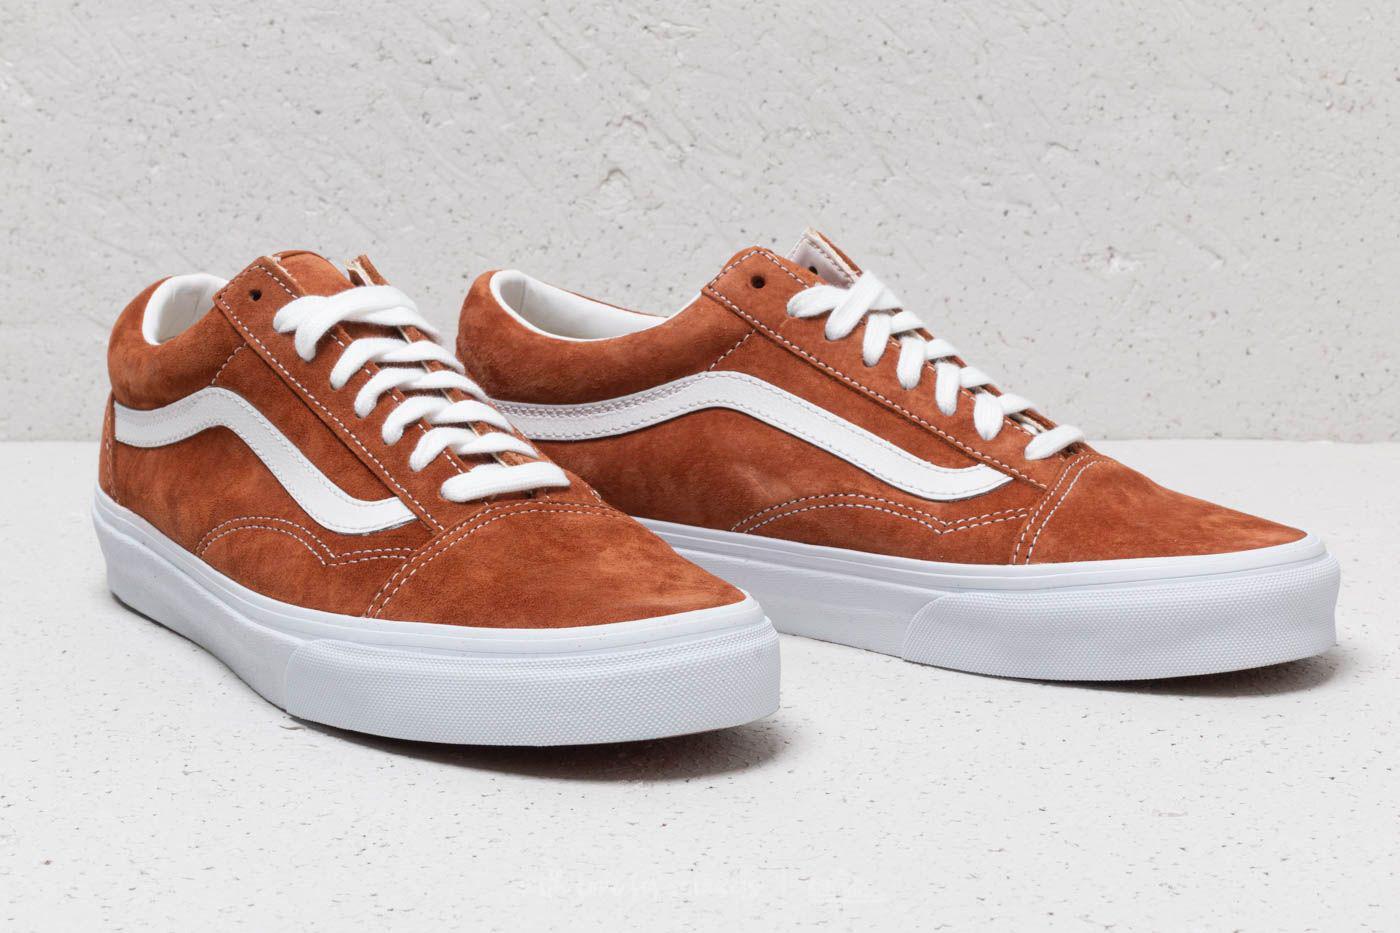 Vans Old Skool (Pig Suede) Leather Brown | Footshop